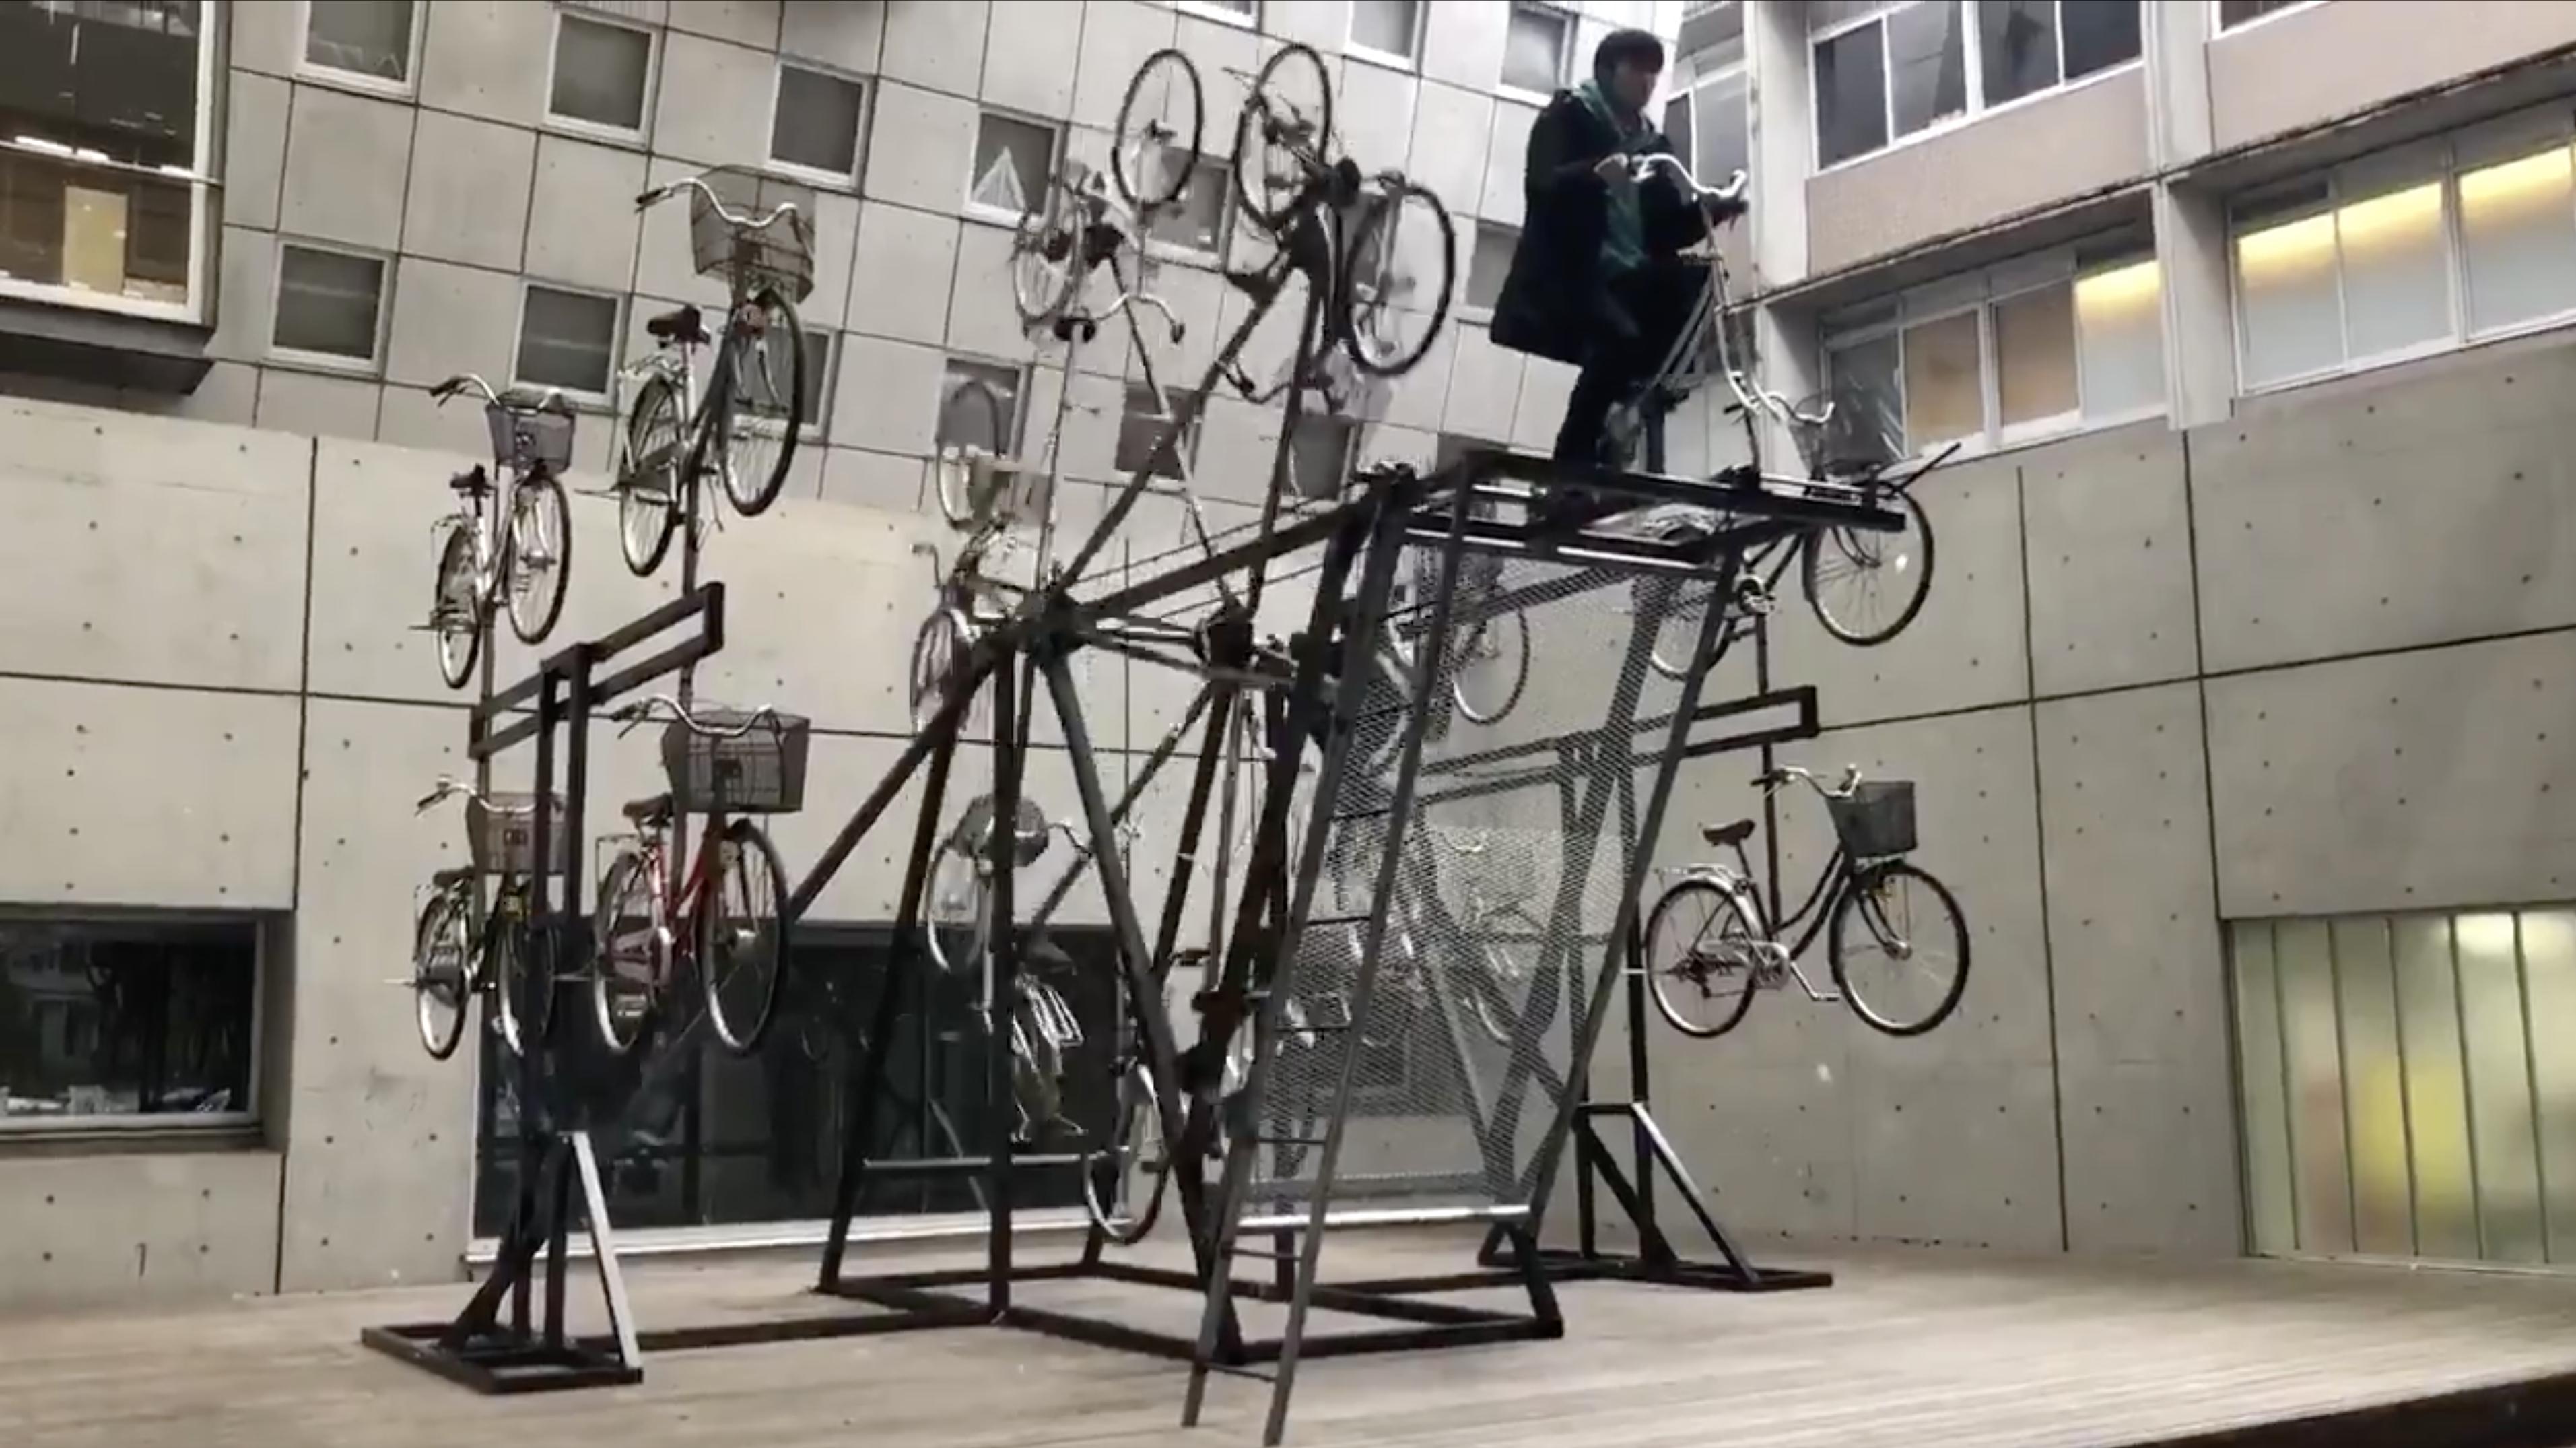 東弘一郎のwikiプロフィール!年齢や経歴は?有名な代表作品は?なぜ自転車?